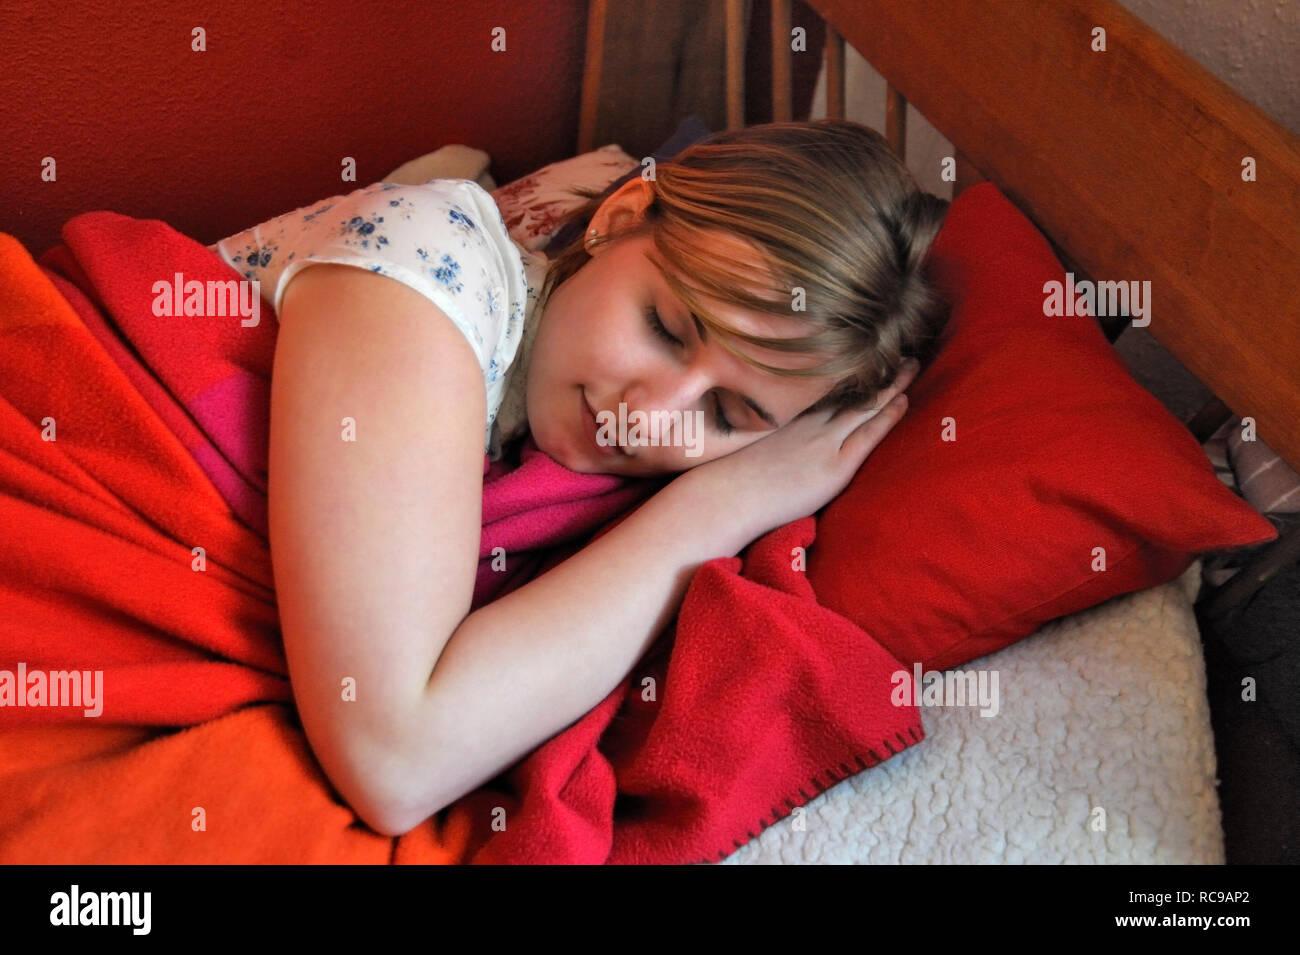 jugendliches Mädchen schläft in ihrem Zimmer | young female teenager sleeping in her bed - Stock Image